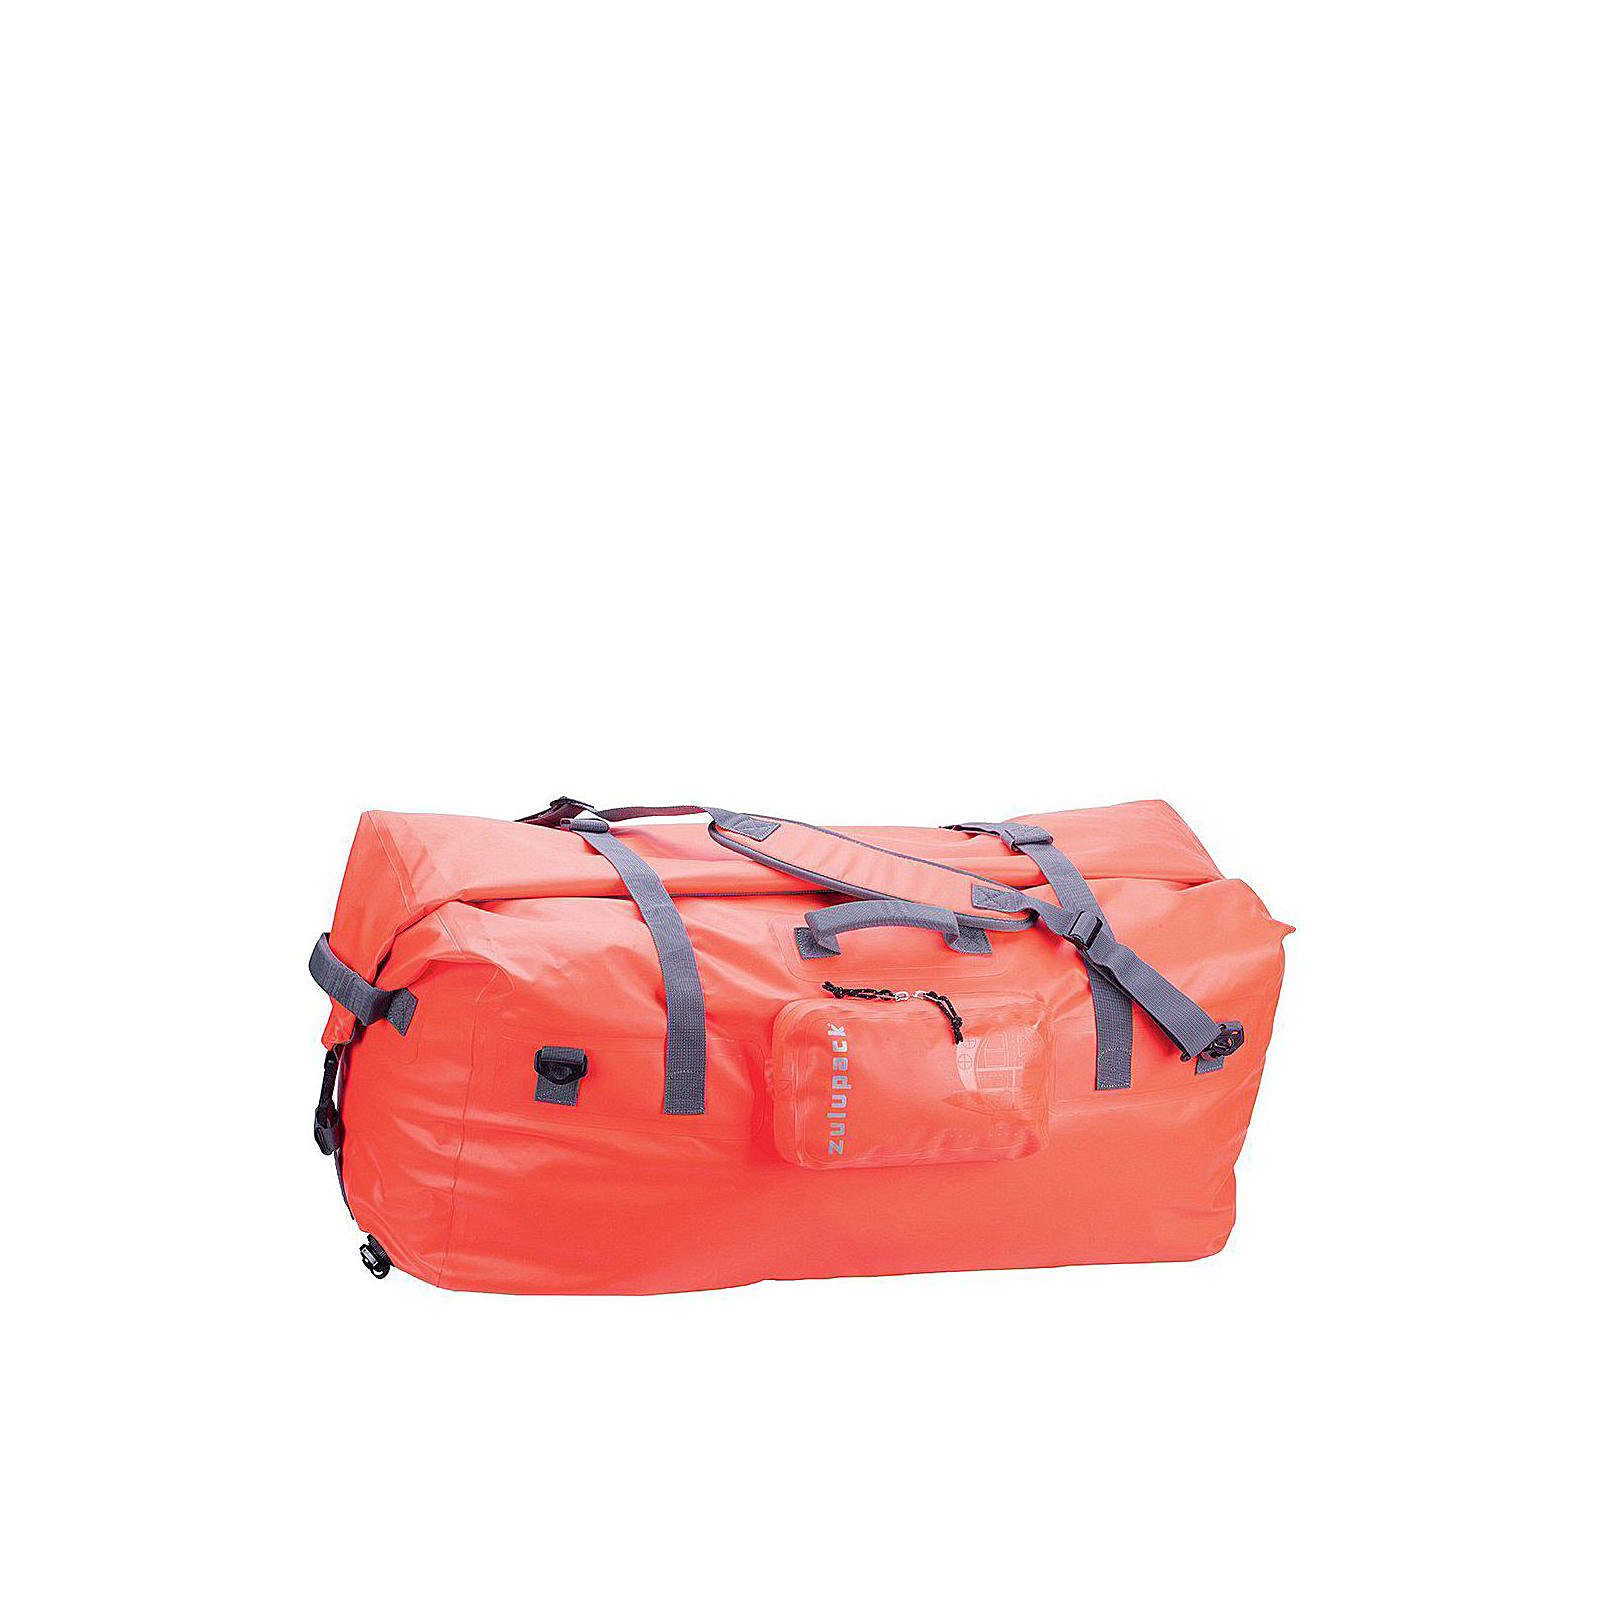 Zulupack Barracuda Reisetasche 138 L waterproof 80 cm Reisetaschen orange